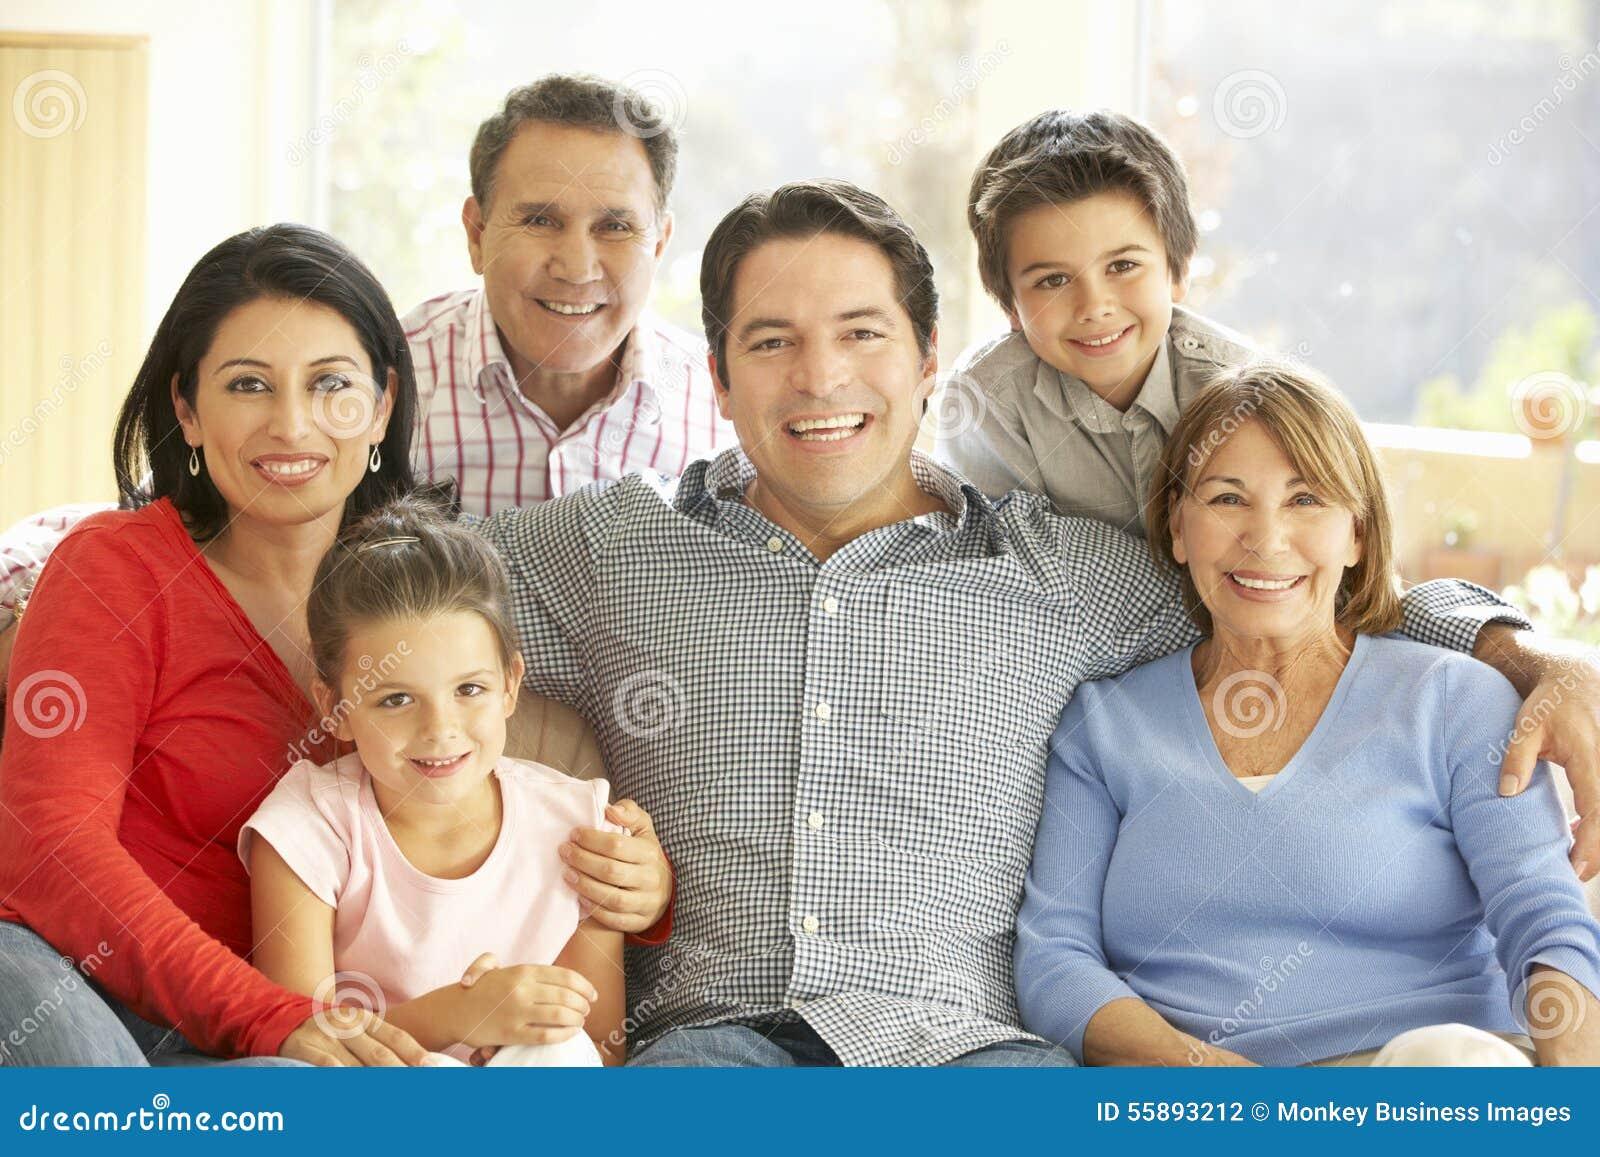 Portret Rozszerzony Latynoski Rodzinny Relaksować W Domu